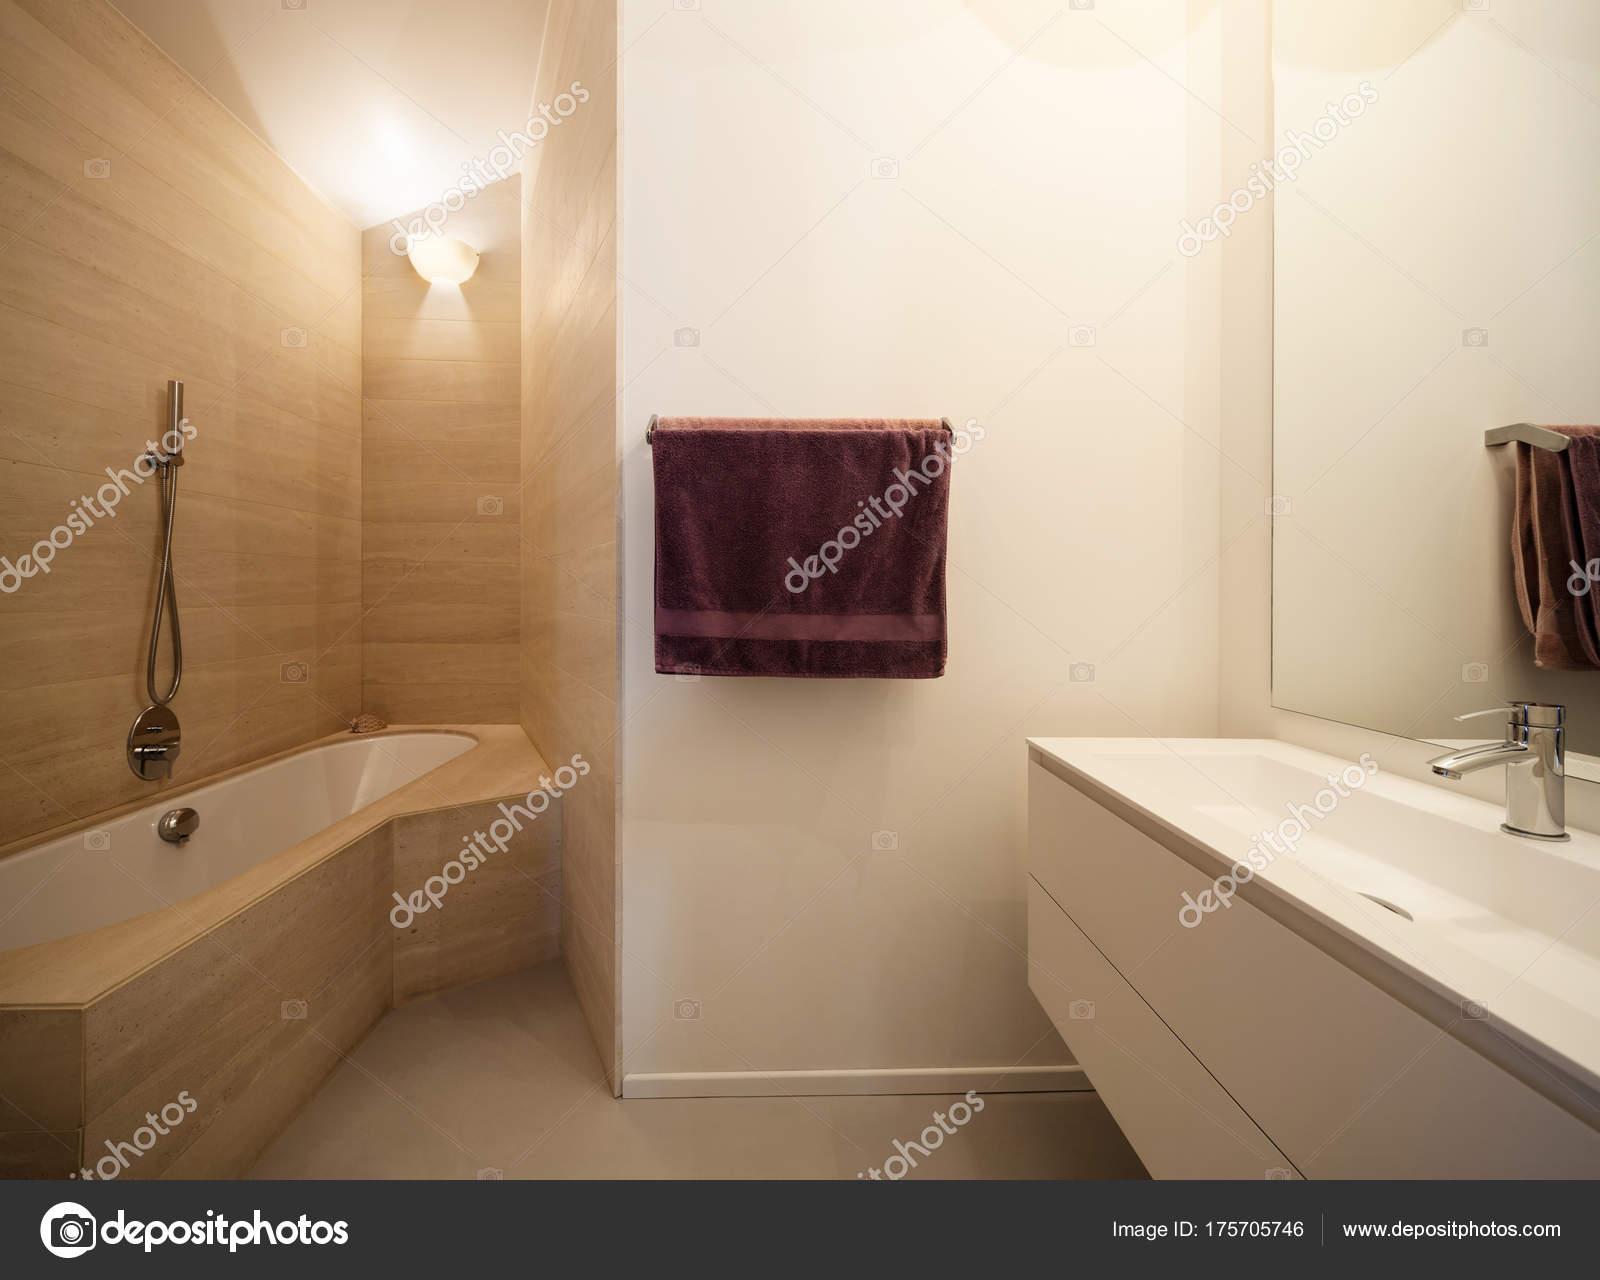 Vasca da bagno con piastrelle in marmo sulle pareti u foto stock